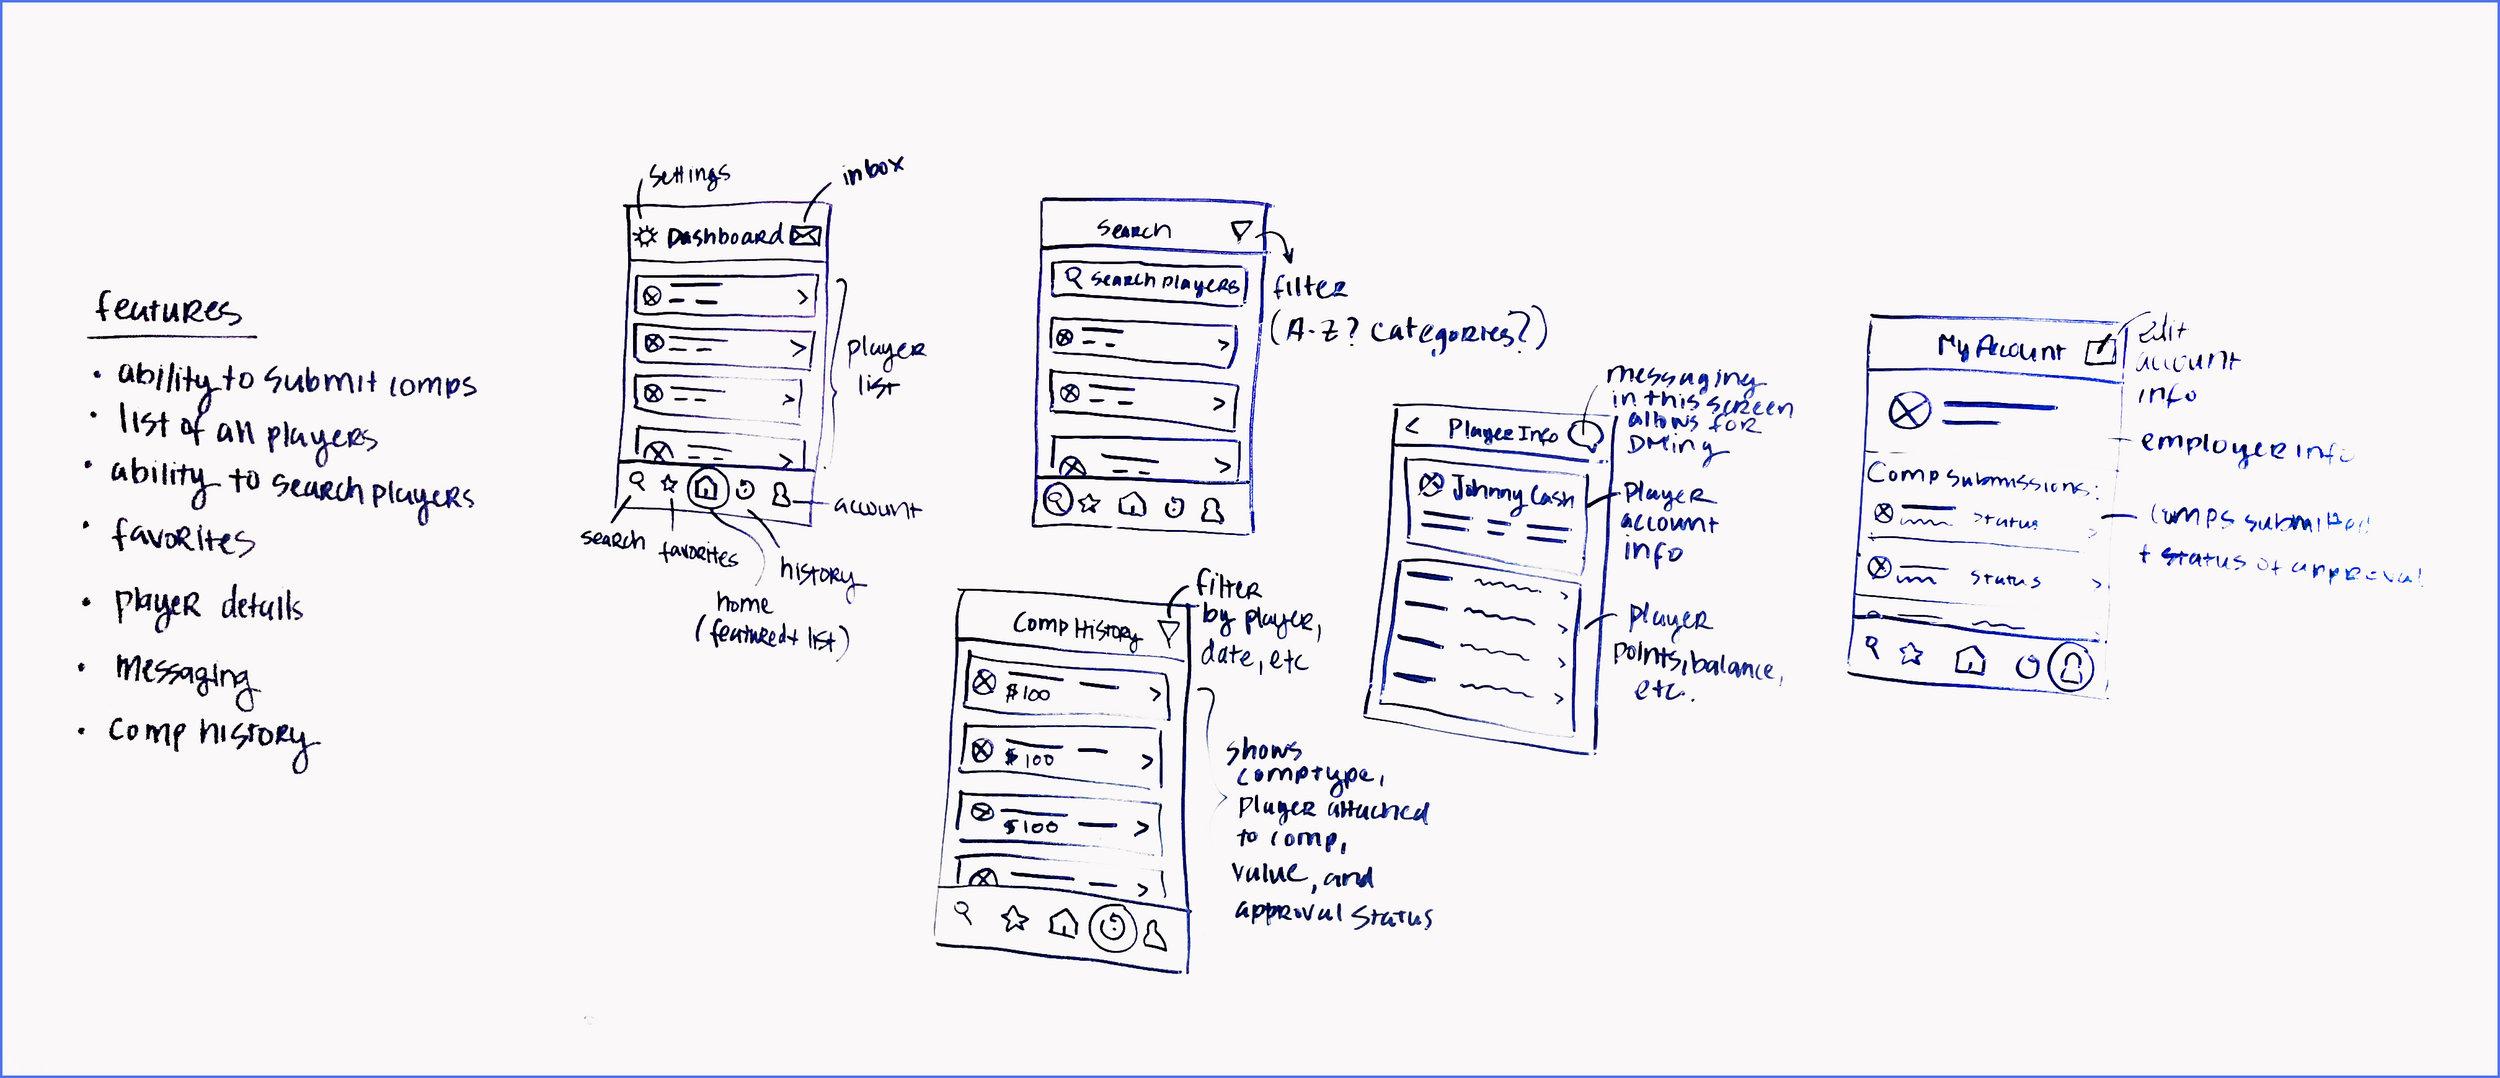 hostIQ-sketches.jpg